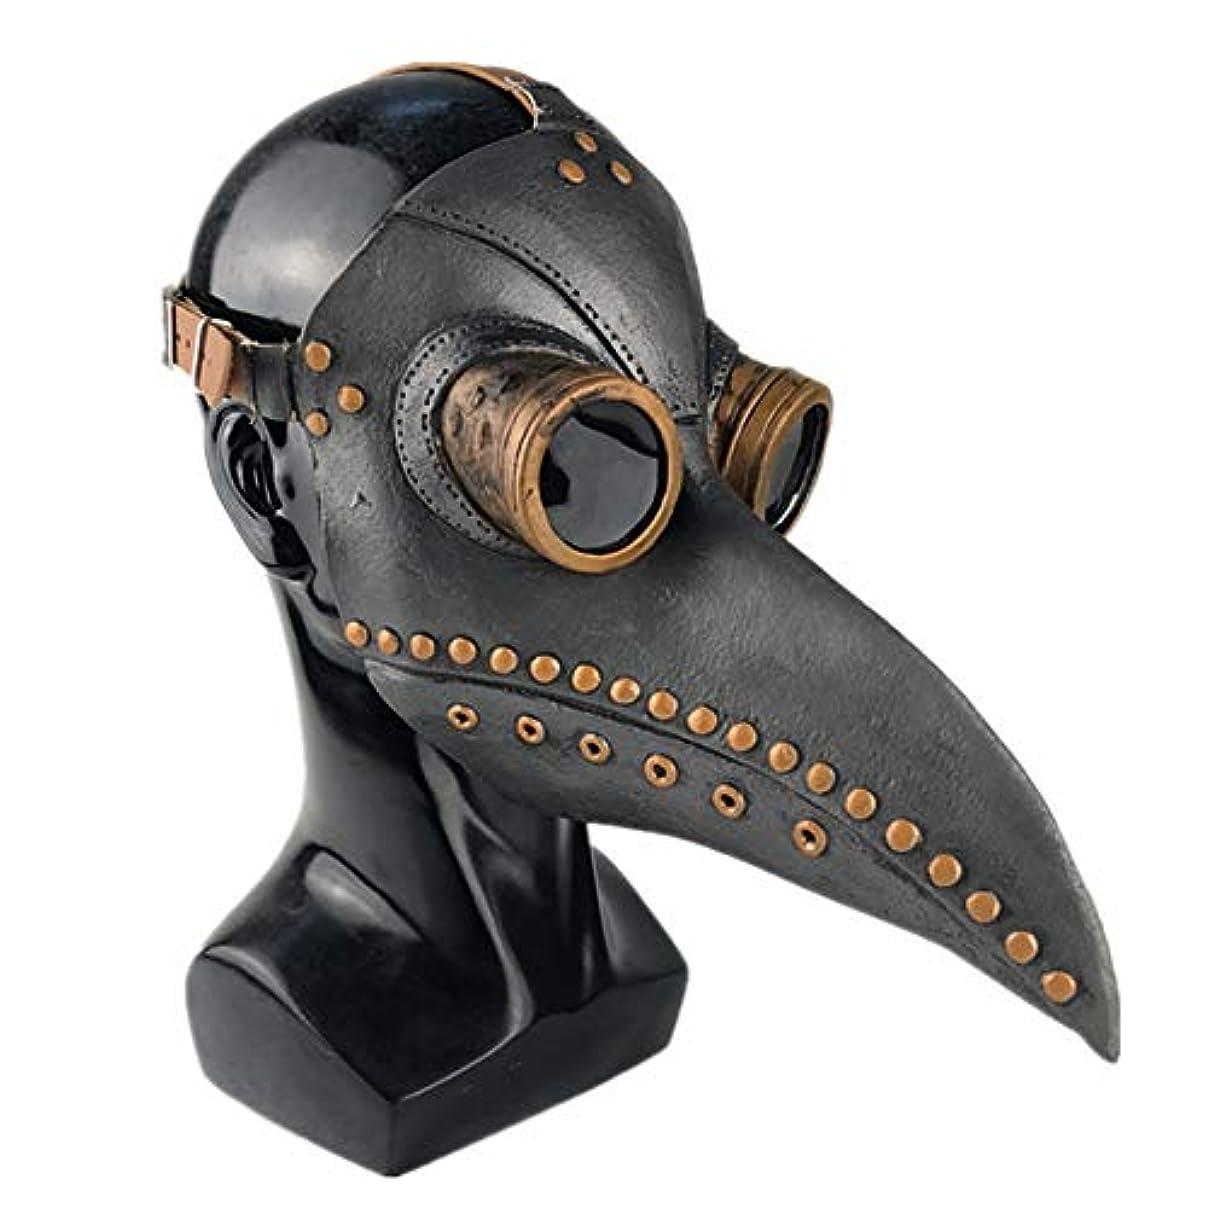 ファンネルウェブスパイダースペードピアノEsolom ハロウィンマスク ペストスチーム喙ドクターマスク ホリデーパーティー用品 黒 銅の爪 ホラーマスク ハロウィンデコレーション 通気性